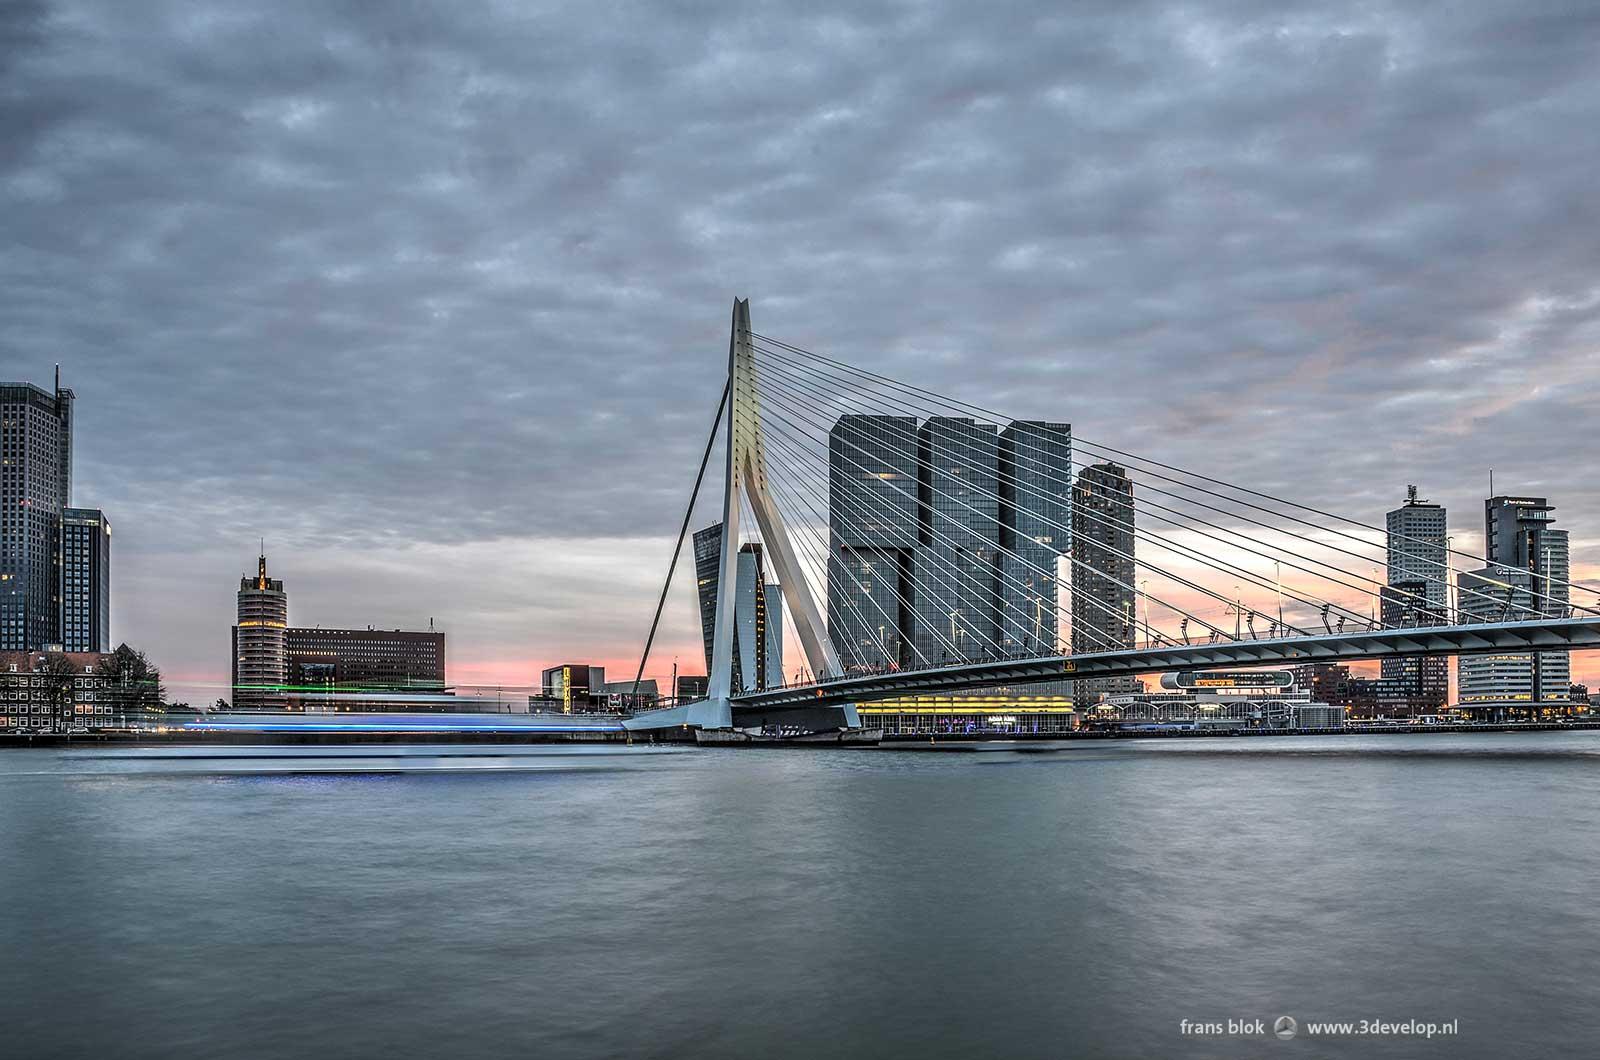 Avondbeeld van de Nieuwe Maas en de Kop van Zuid in Rotterdam, met de Erasmusbrug en diverse gebouwen waaronder de Maastoren, het gerechtshof, de Erasmusbrug en de Rotterdam